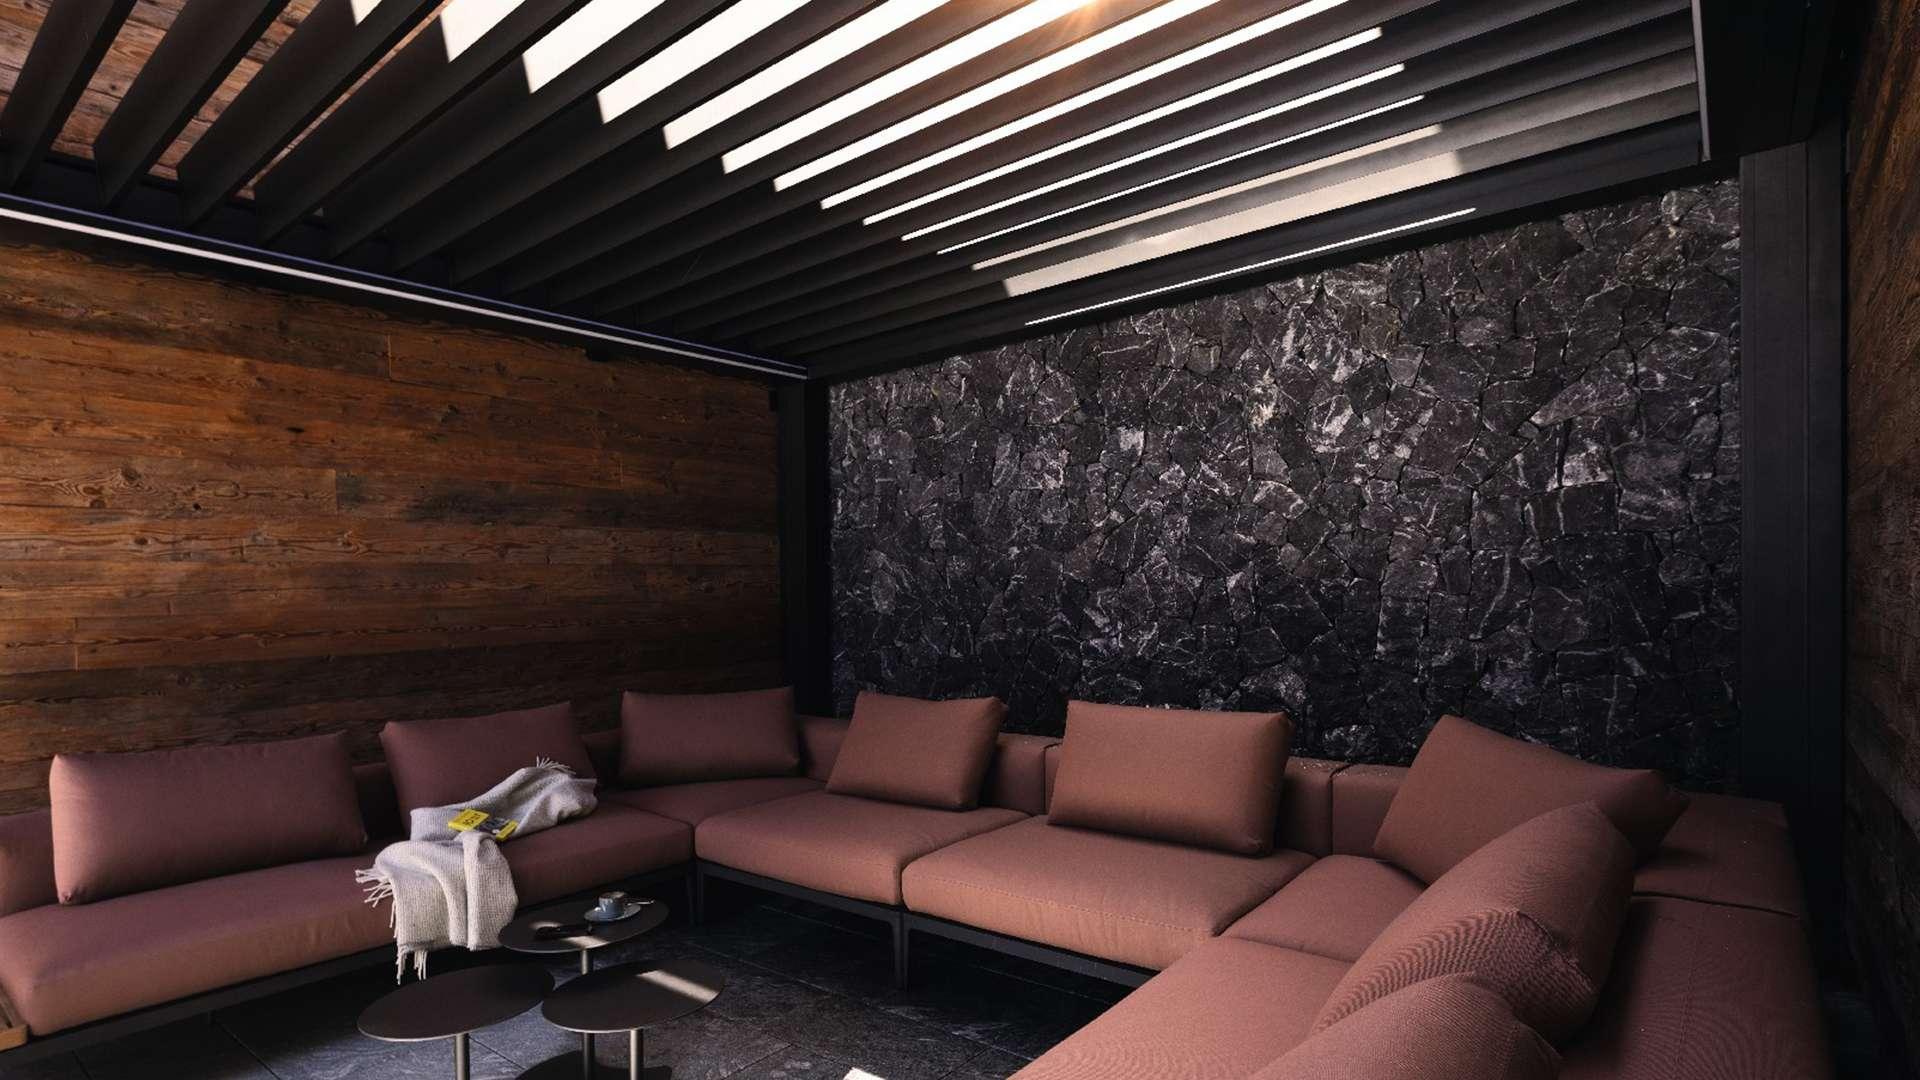 Innensicht eines Lamellendaches mit großem rotem Sofa